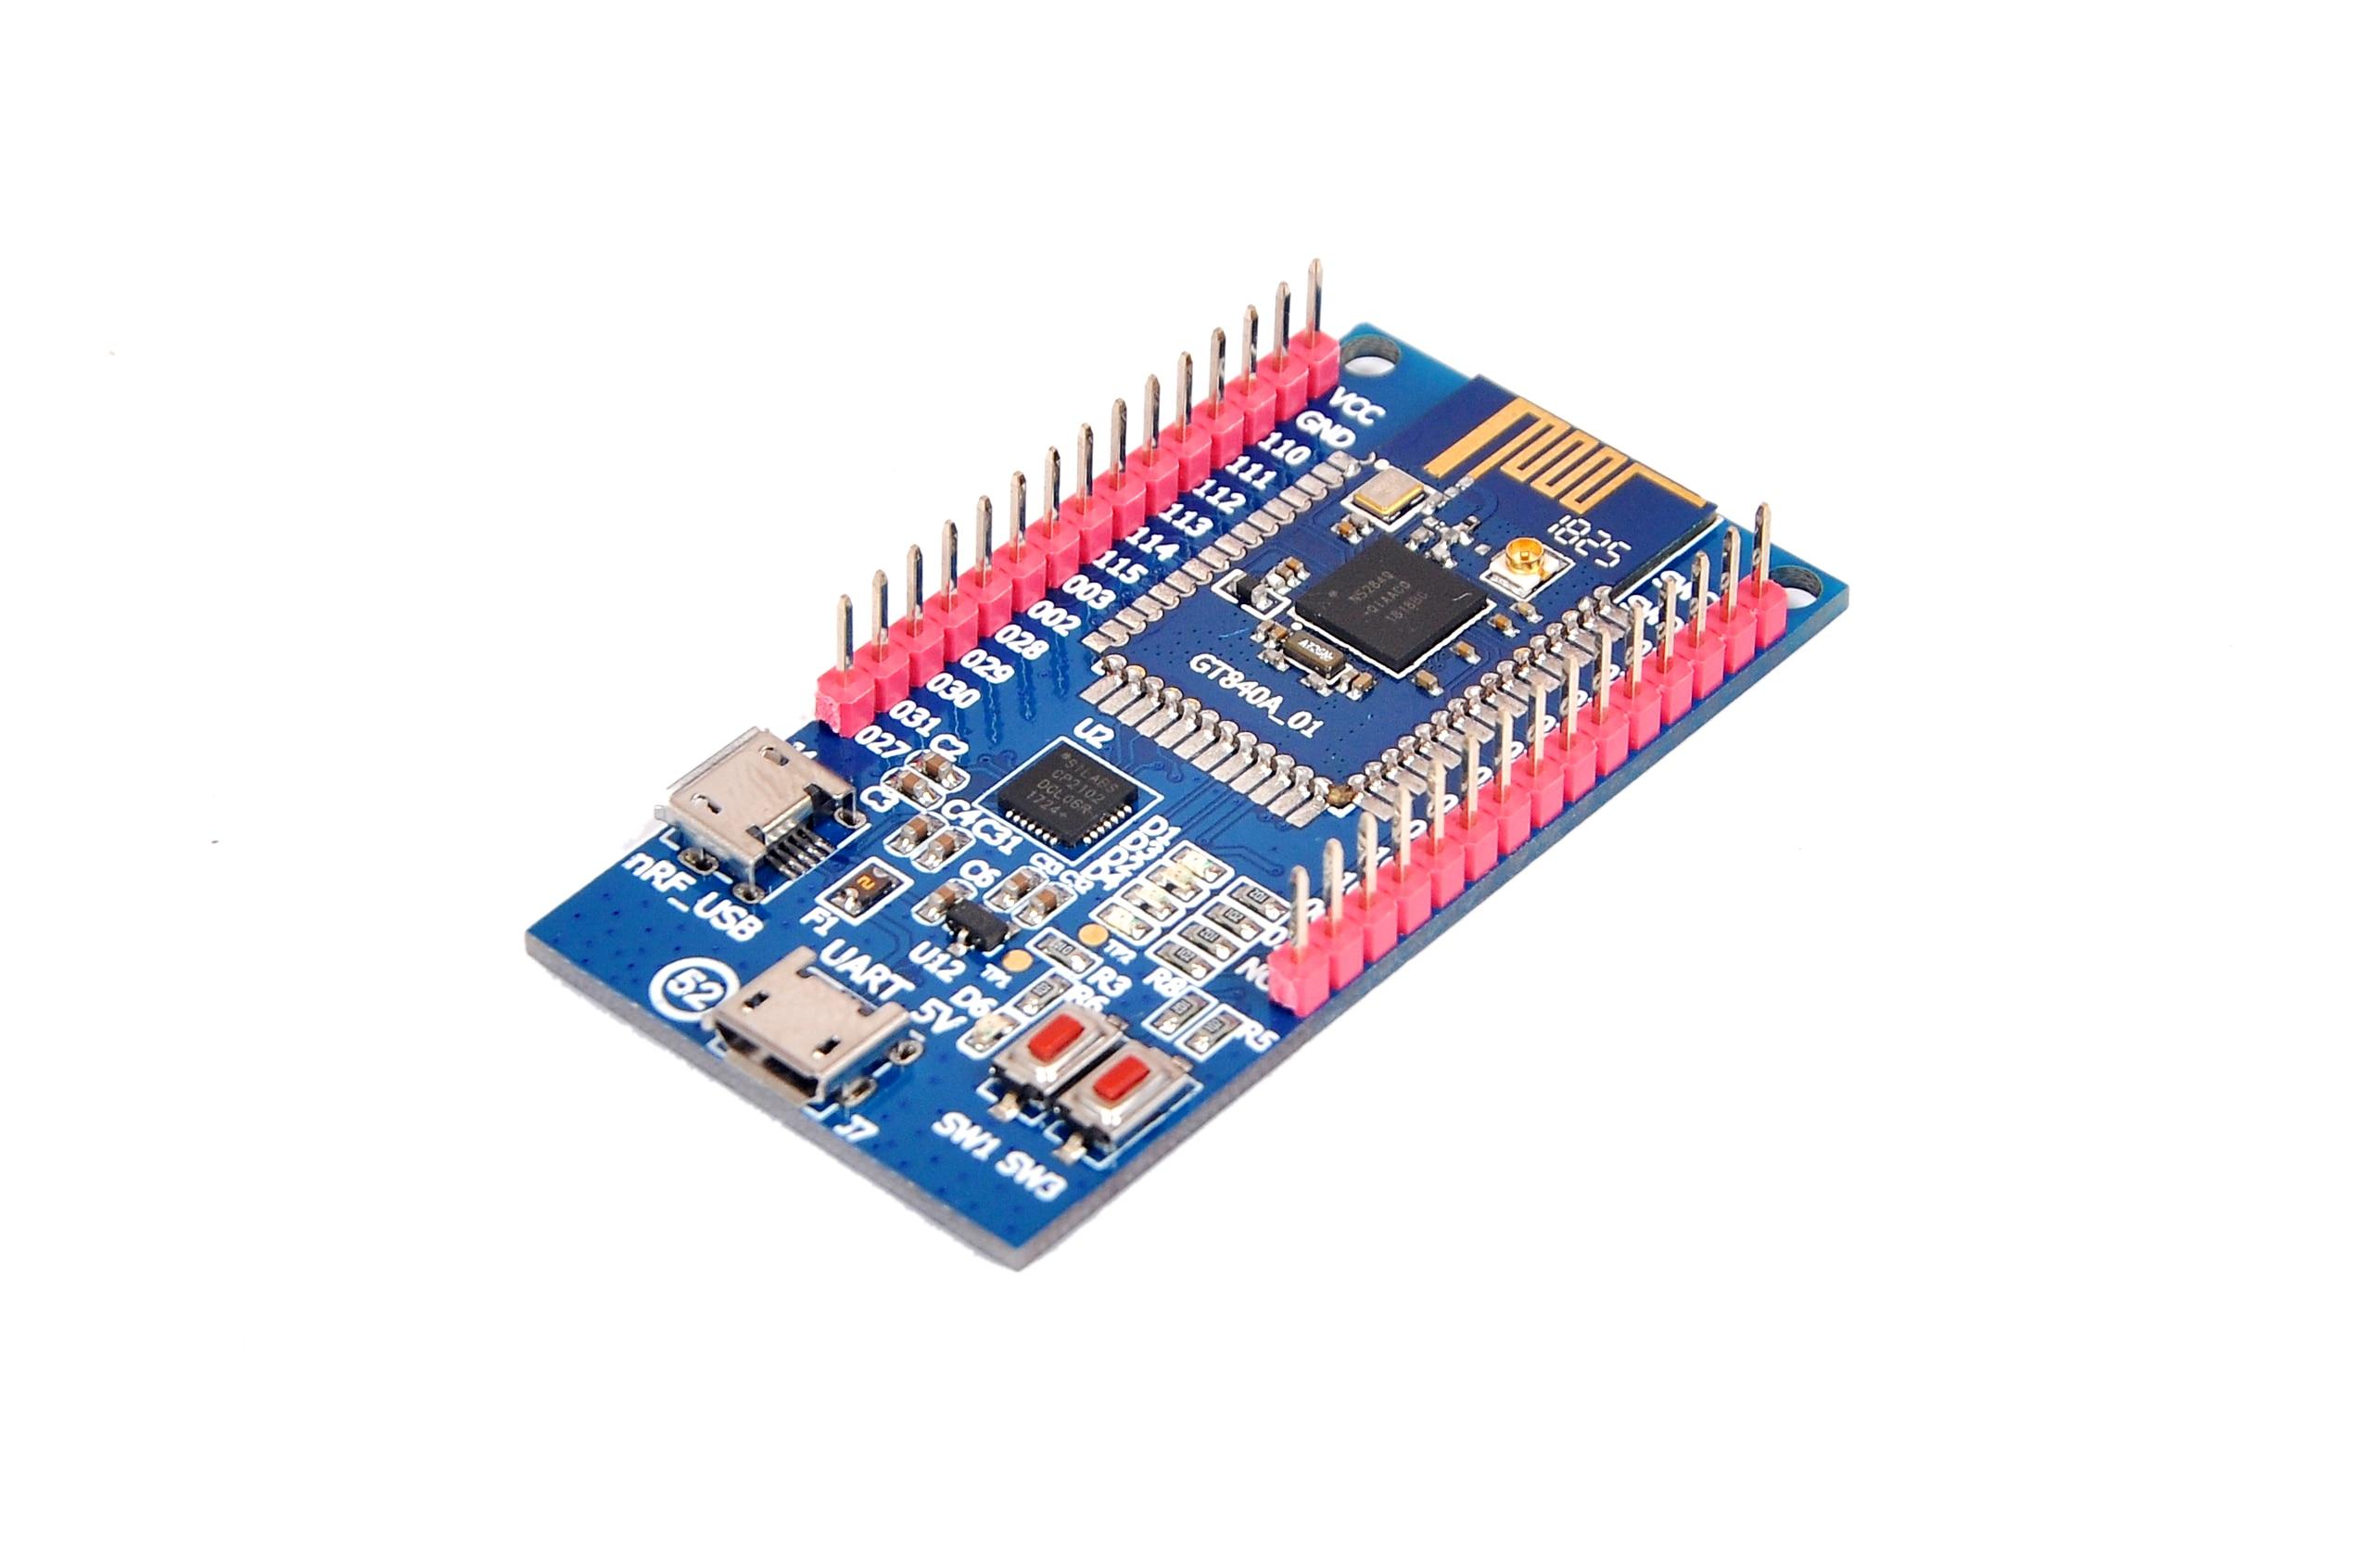 NRF52840 panneau de développement Bluetooth 5 maille ZIGBEE Bluetooth faible consommation d'énergie